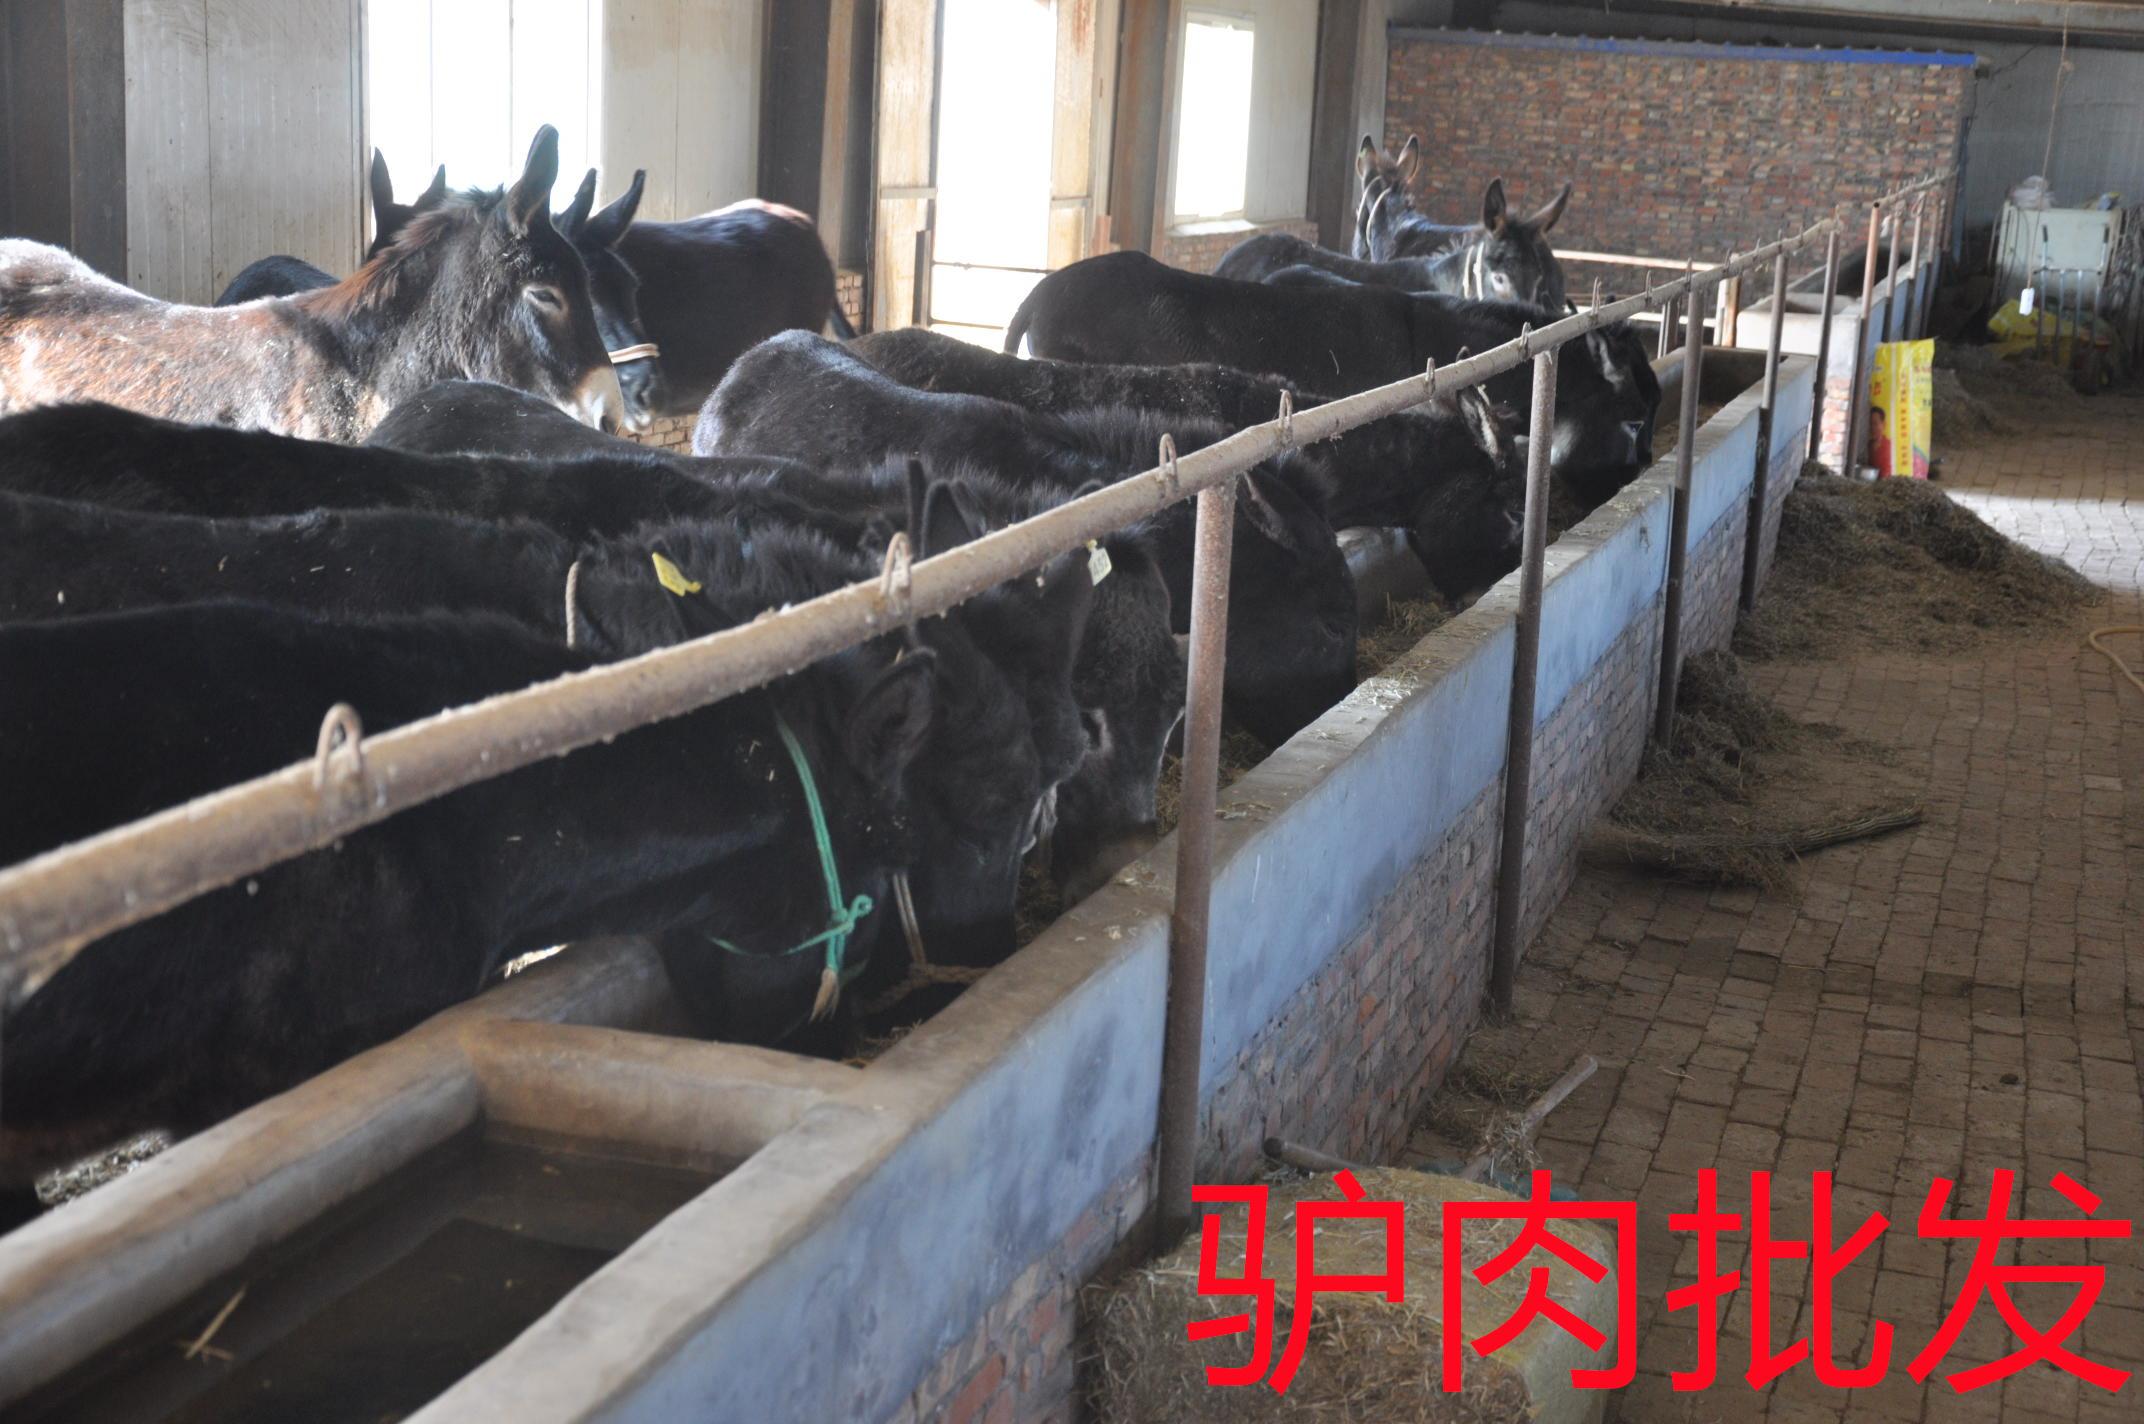 究竟是什么原因让拴嘴驴超越其他驴肉批发厂家?